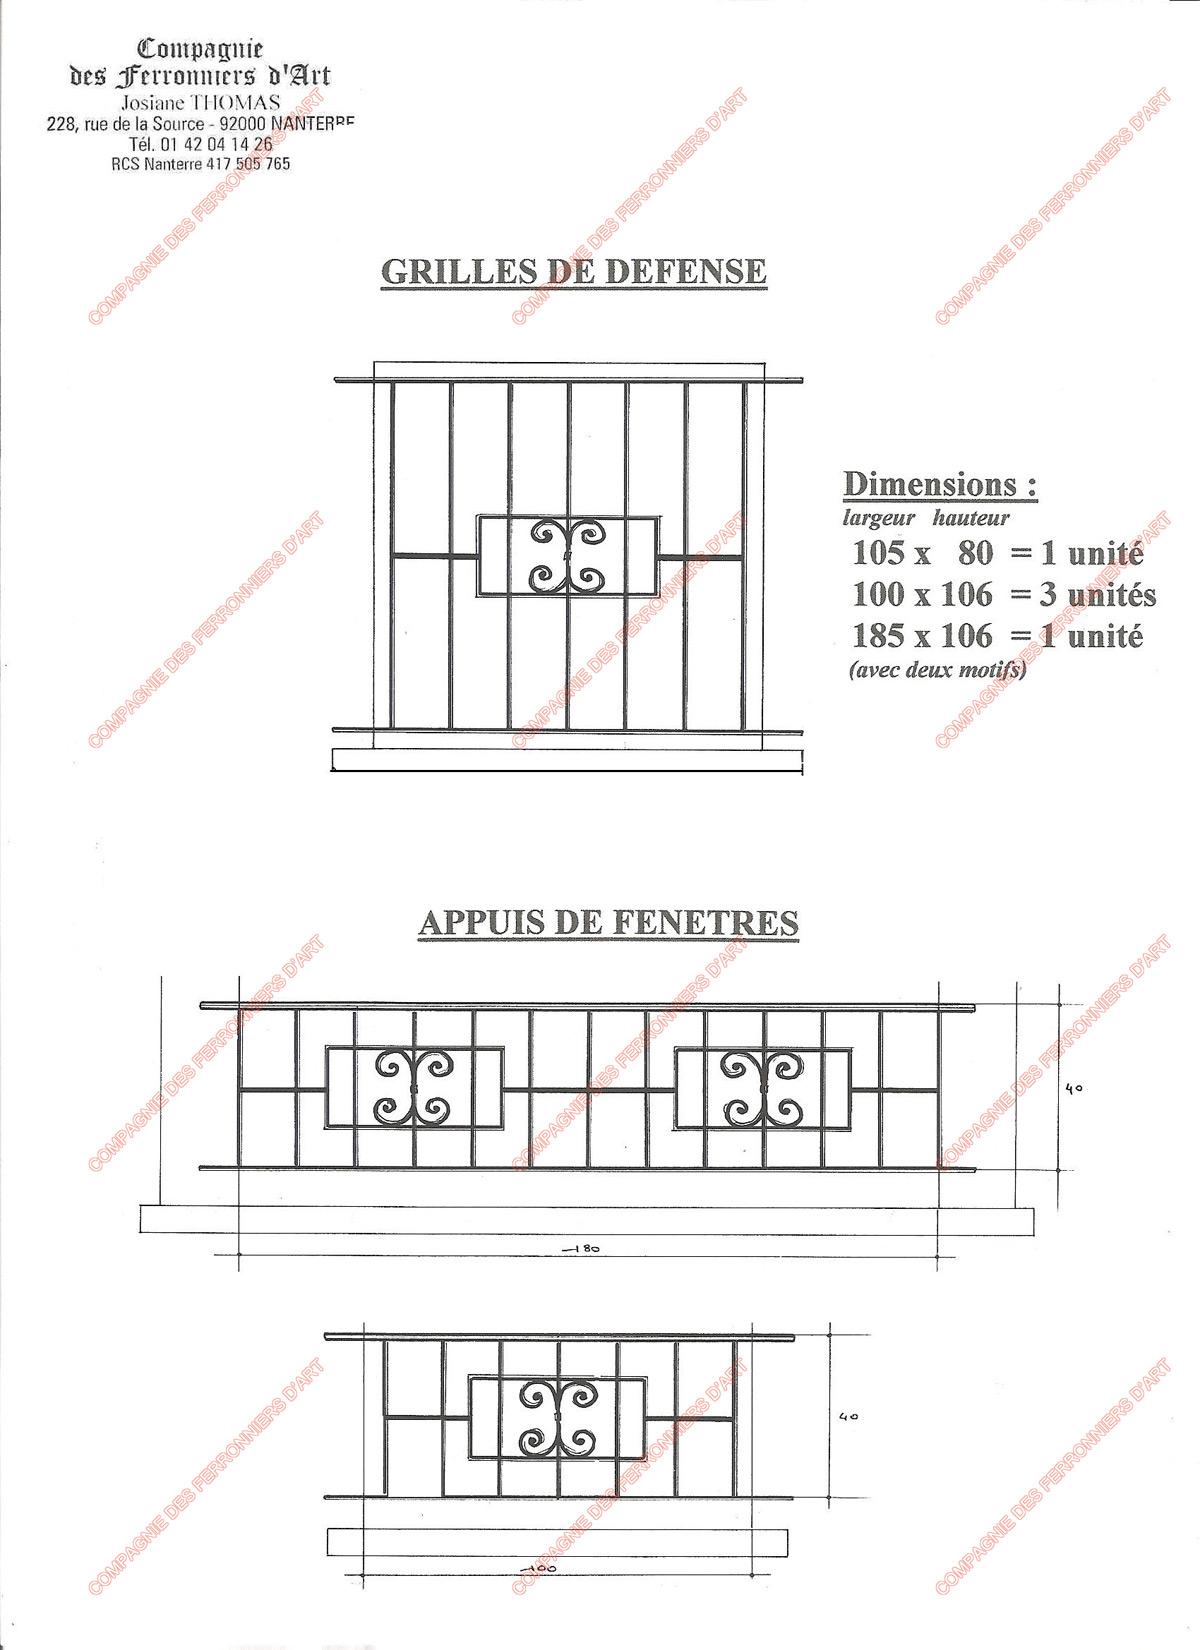 Grilles en fer forg de d fense diverses mod le gdd04 barreaux divers for Combarreau de fenetre amovible